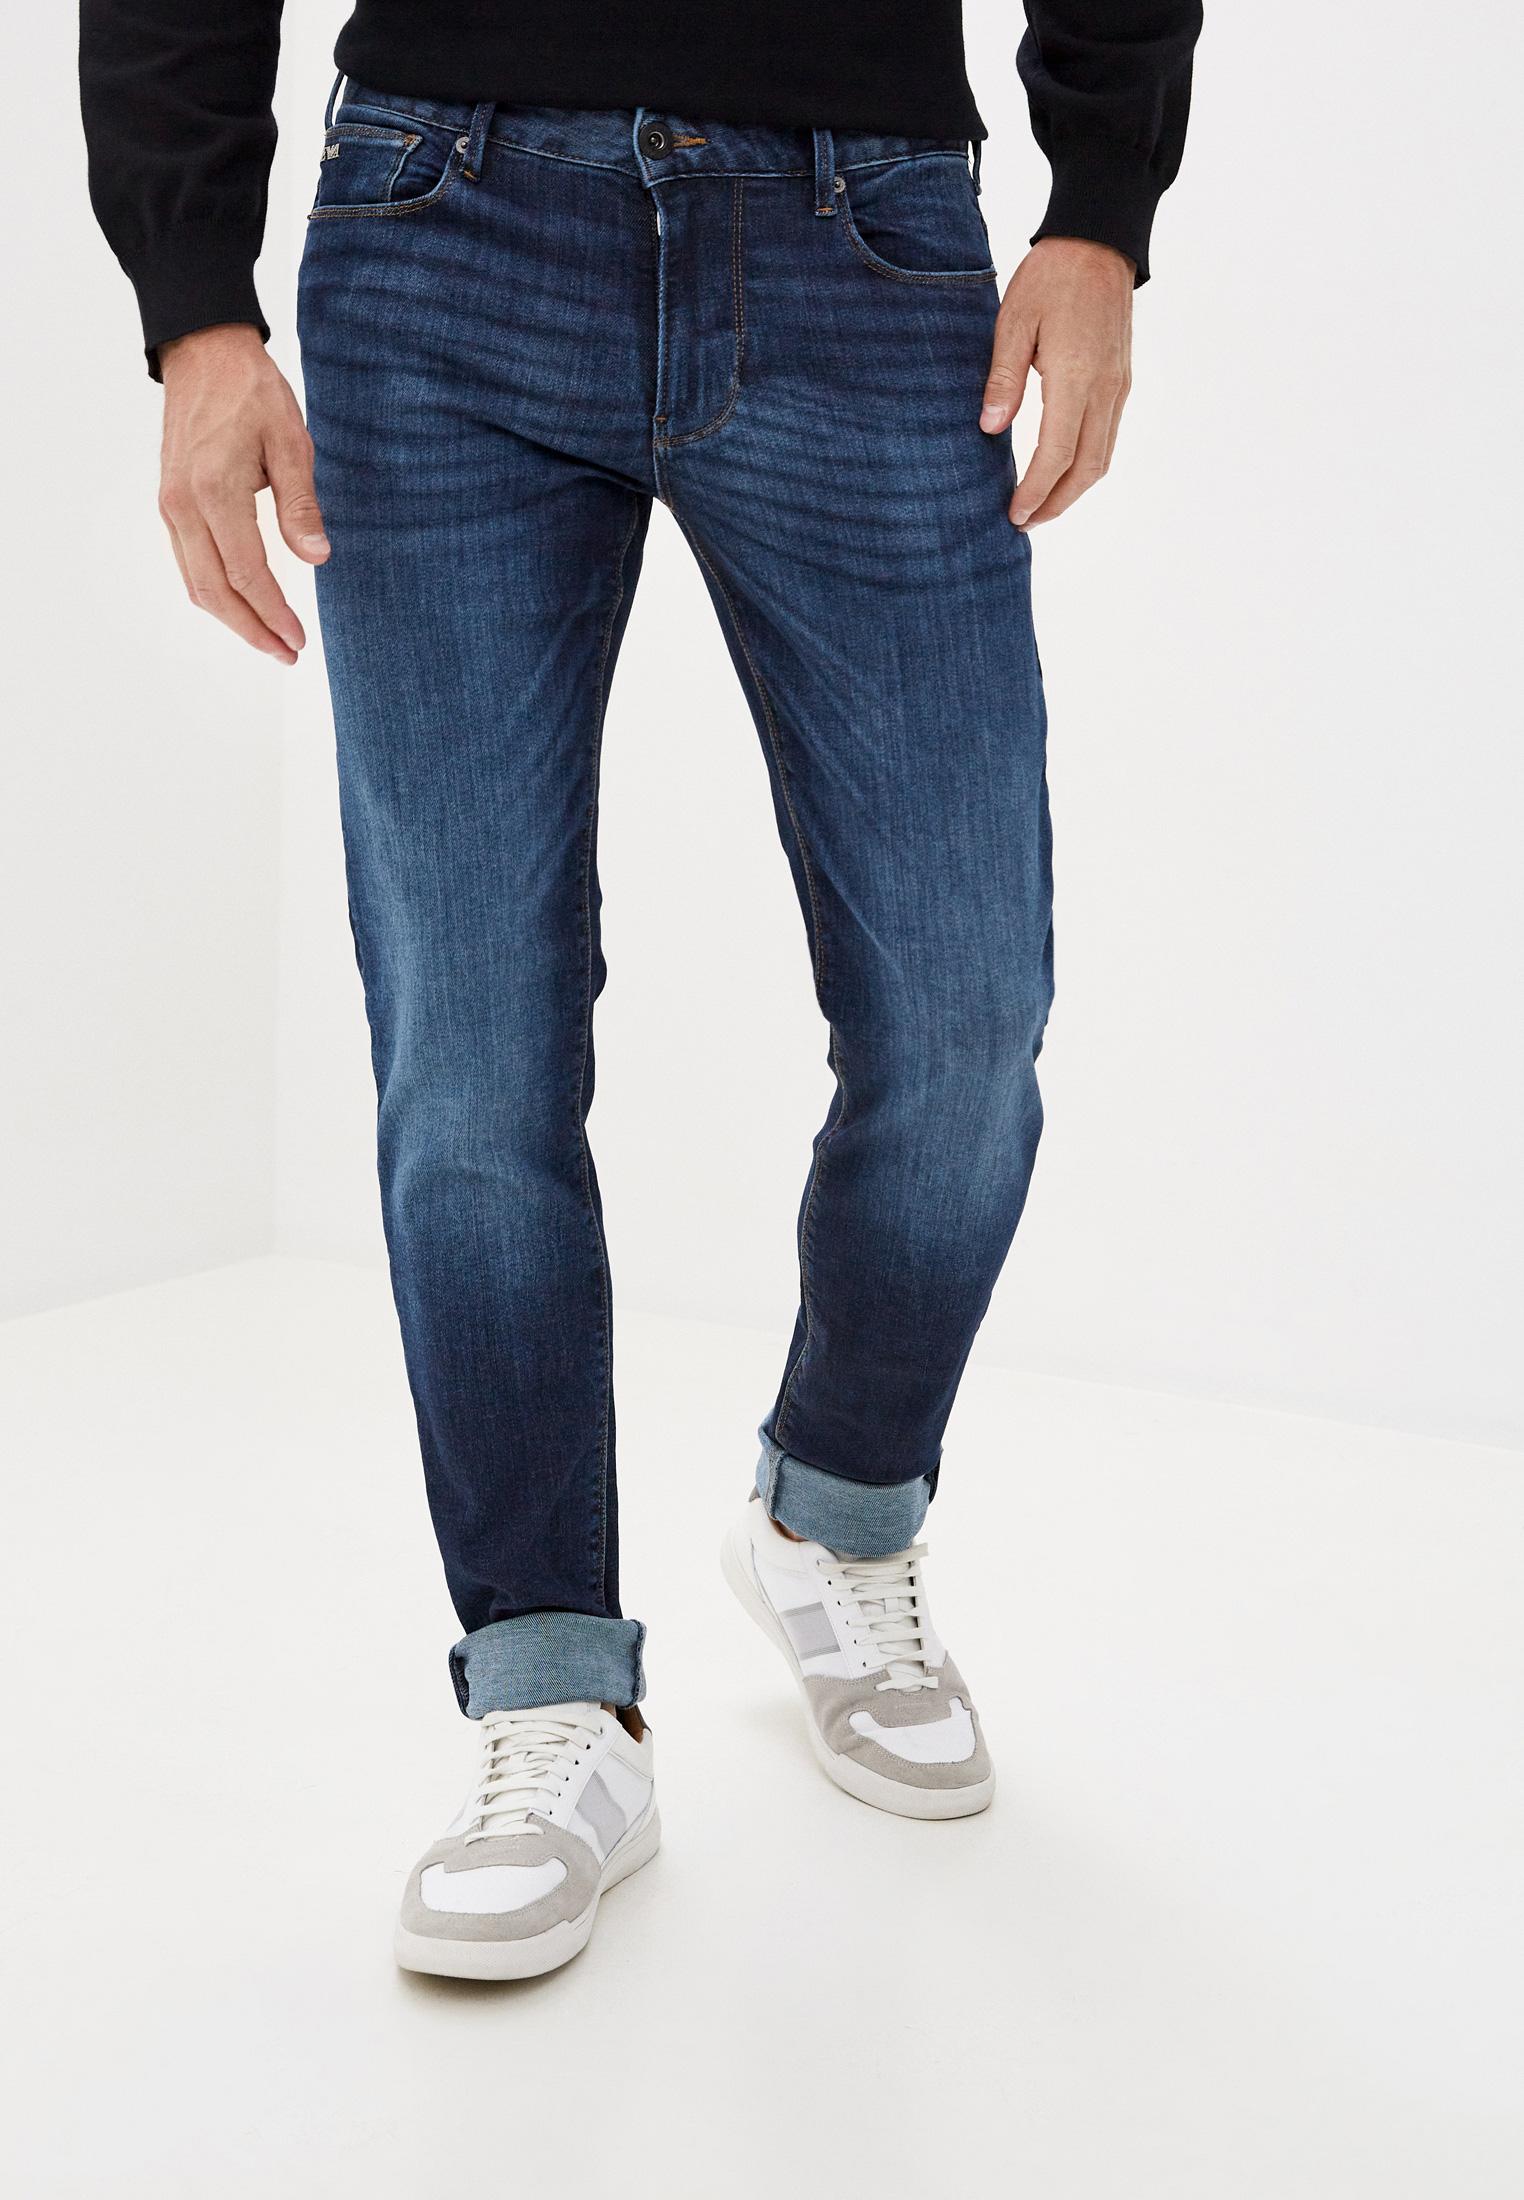 Мужские зауженные джинсы Emporio Armani (Эмпорио Армани) 6h1j06 1du1z